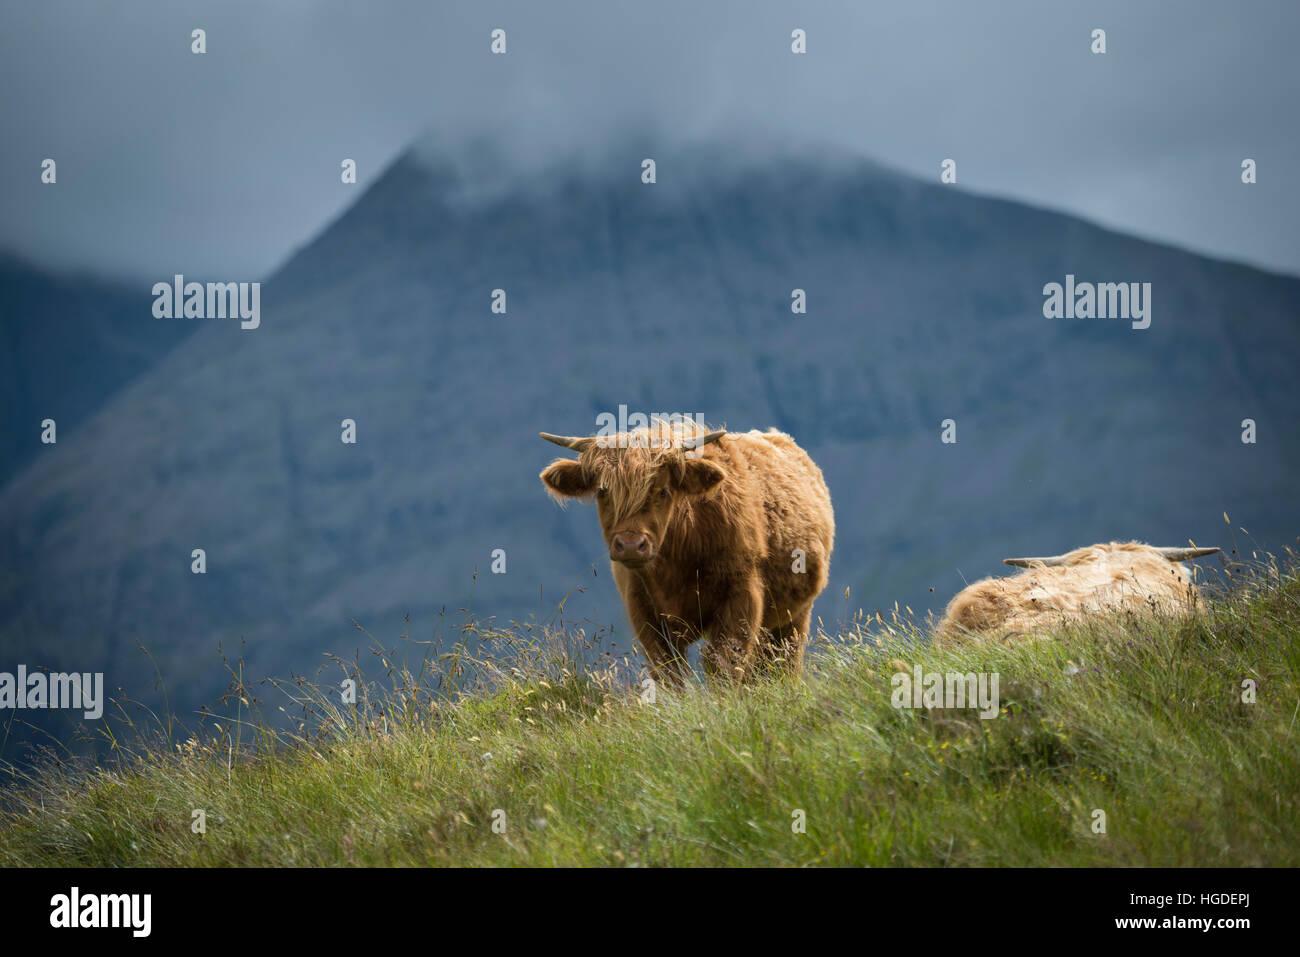 Scotland, Hebrides archipelago, Isle of Skye, Bos taurus, Highland cattle (m) - Stock Image